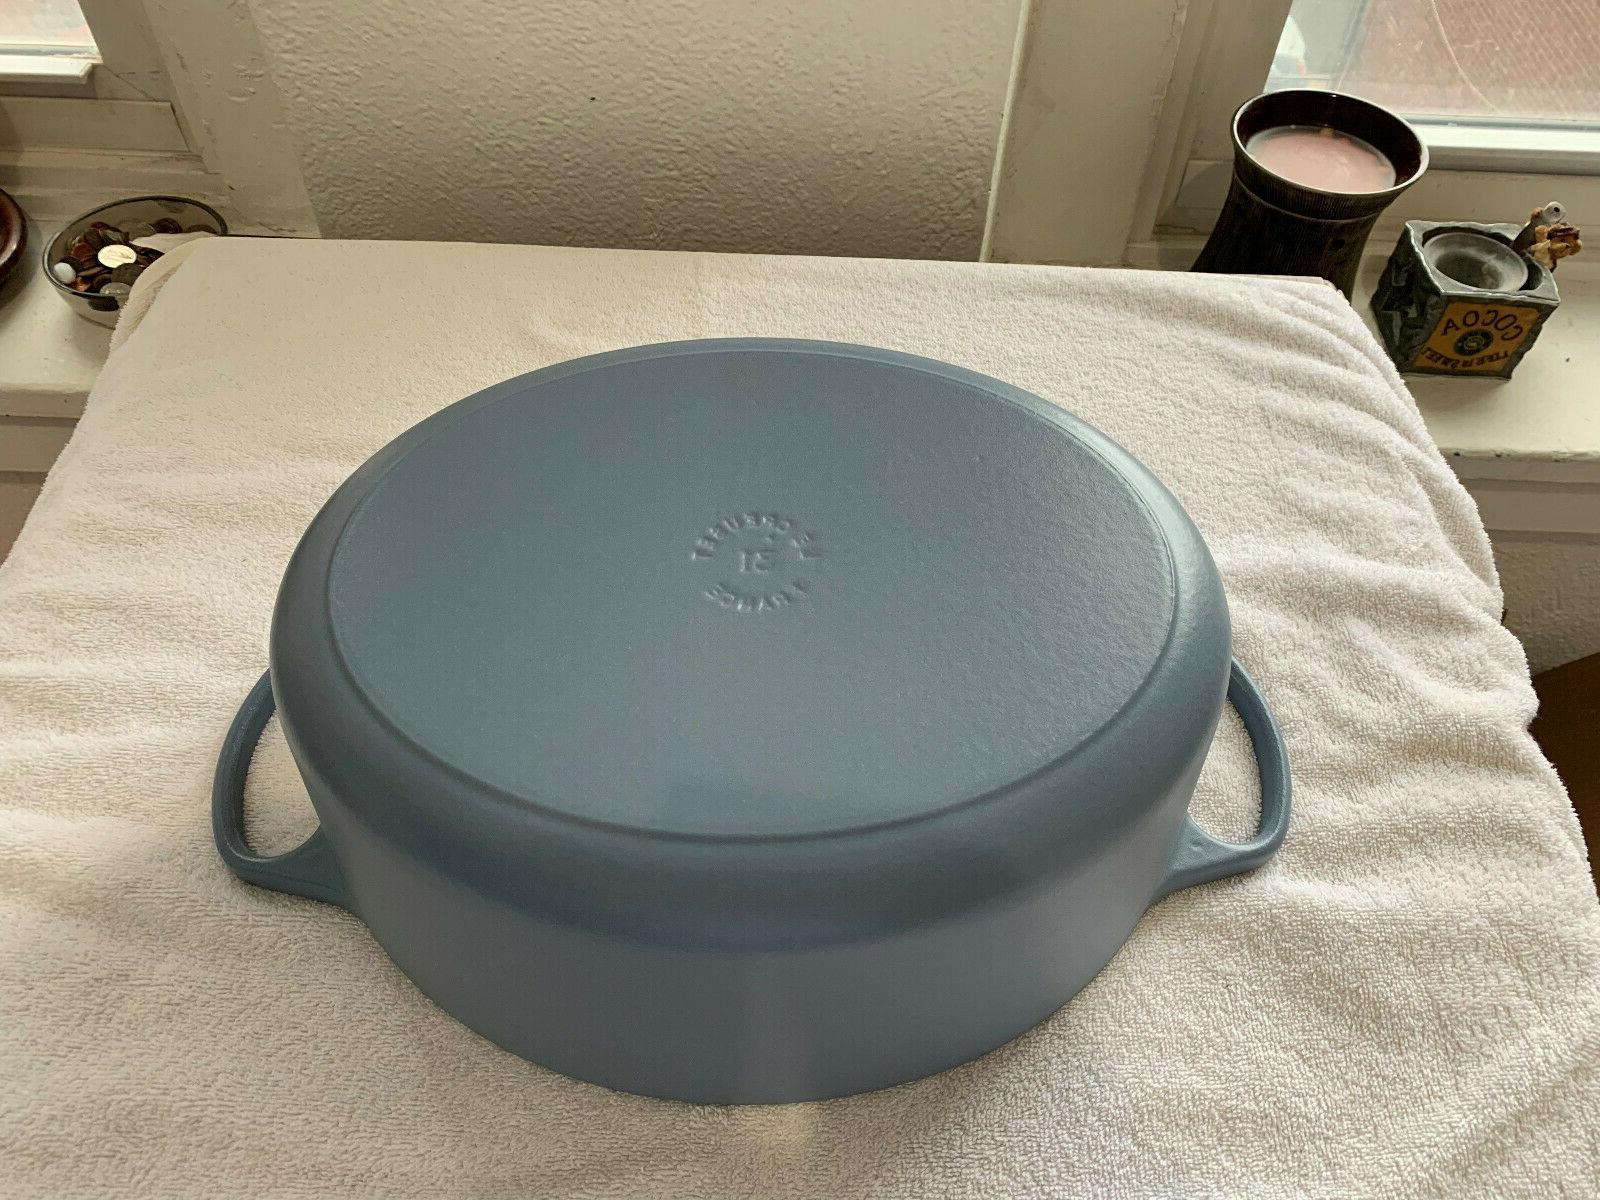 Le Creuset New 6.75 quart Casserole Dutch Mineral Blue